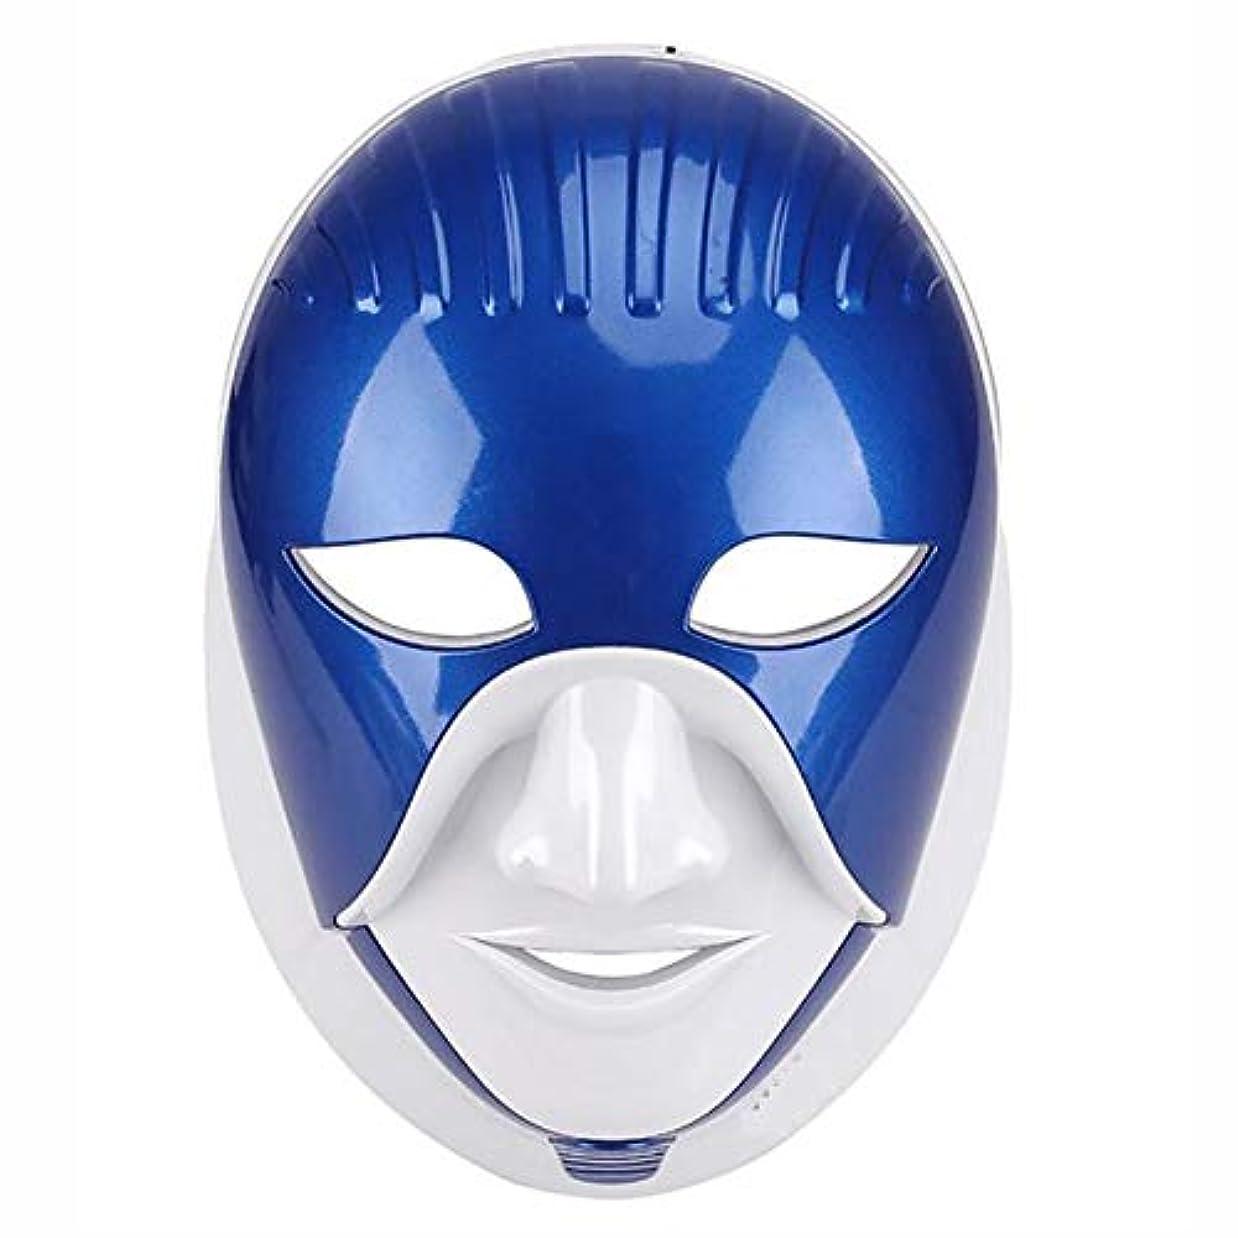 並外れて模倣評判LEDフェイスマスク治療マスク充電式7色Ledフェイシャルマスクスキンケアの顔の首のケア、CE承認(アルミボックス),ブルー